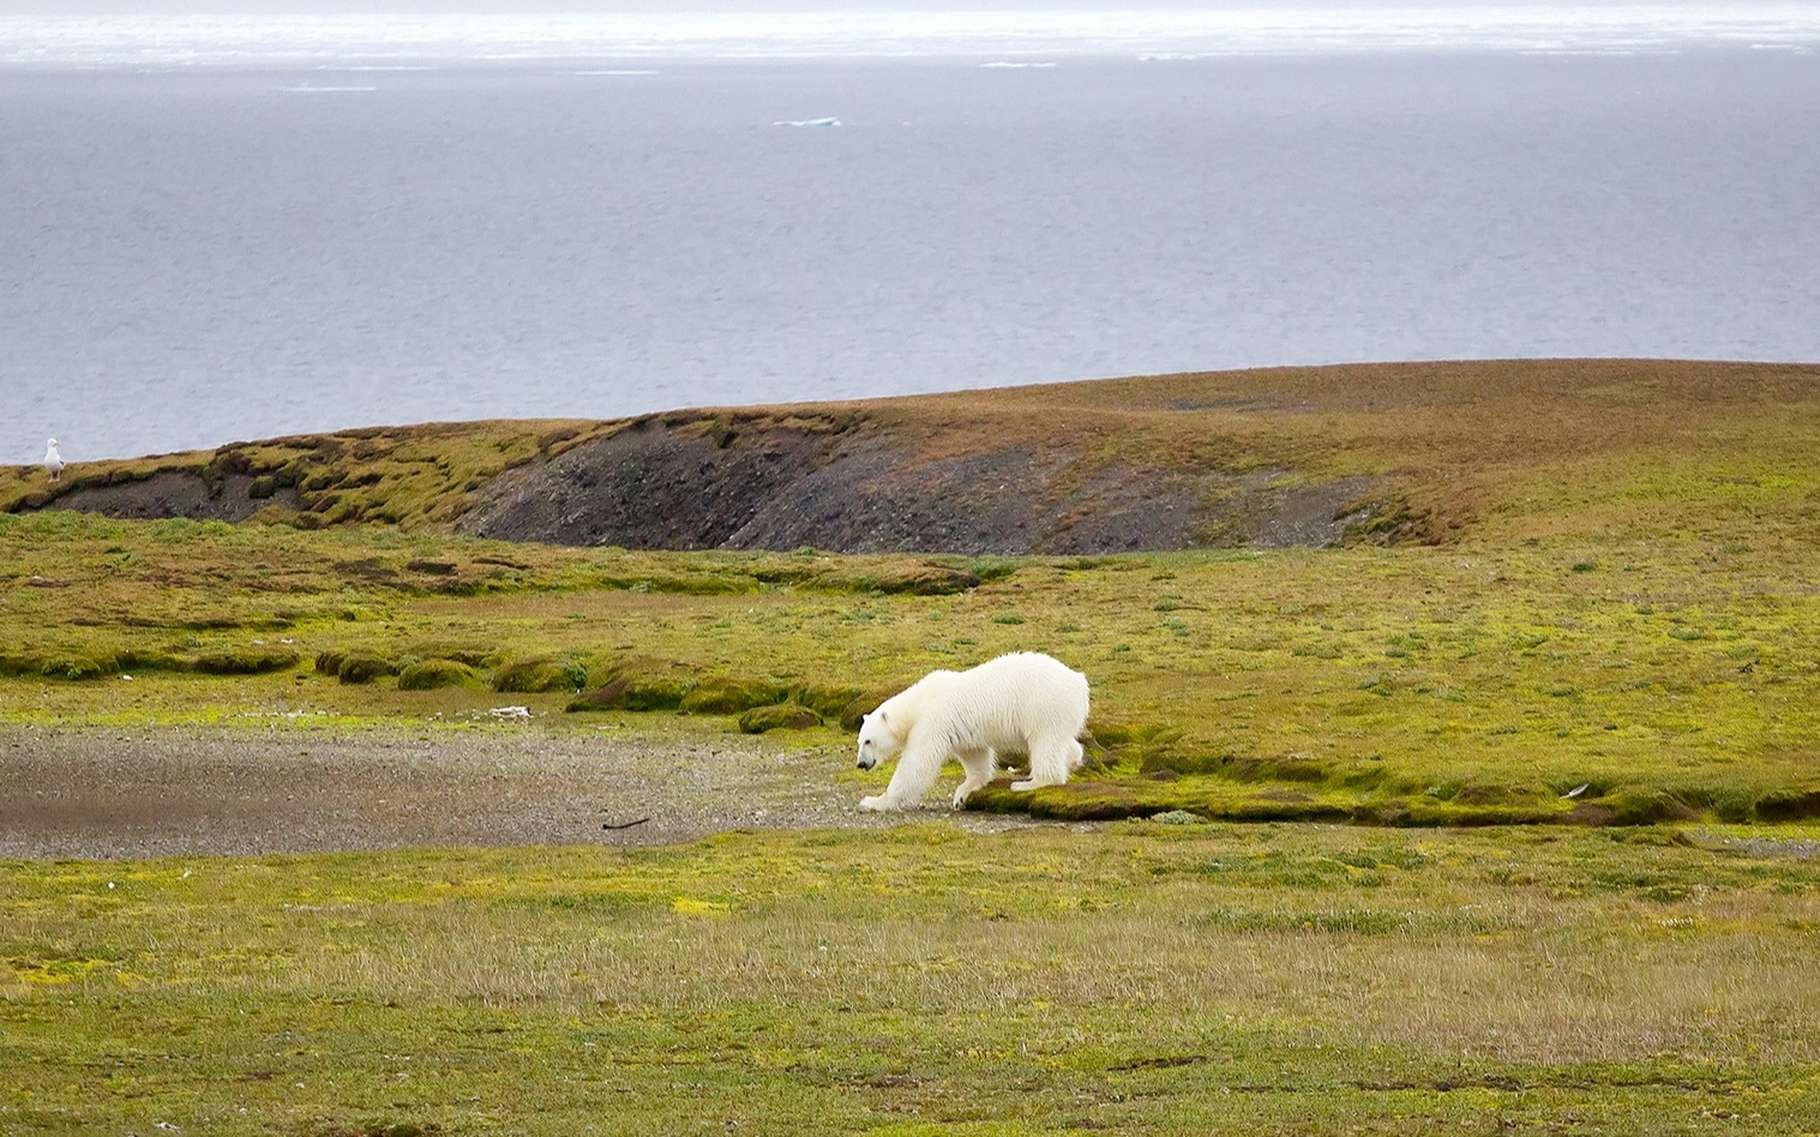 Les grands vertébrés comme les ours polaires sont particulièrement menacés par la sixième extinction de masse. © Maksimilian, Shutterstock